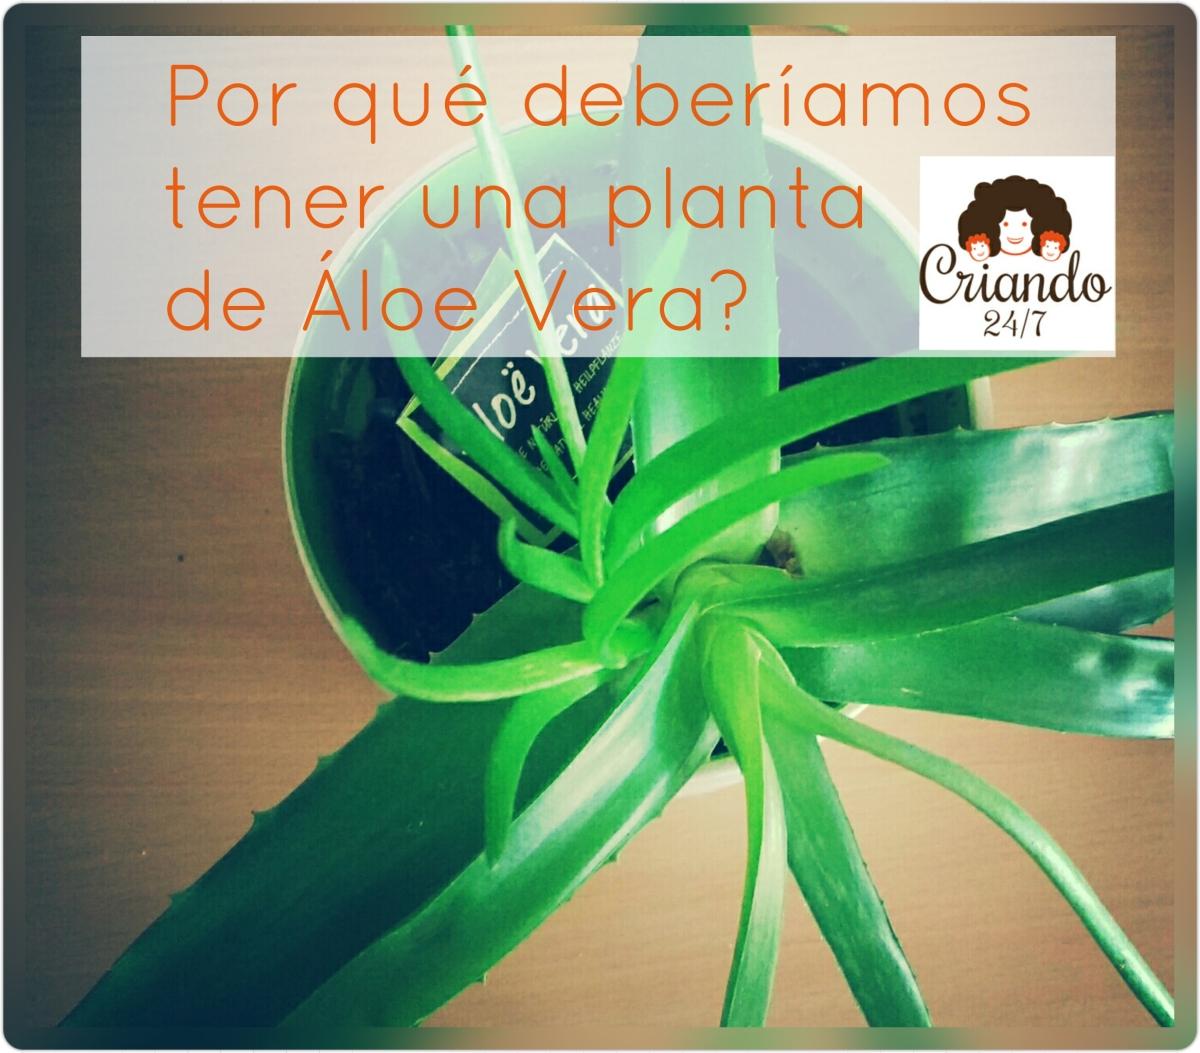 Por qué deberíamos tener una planta de Aloe Vera en casa?